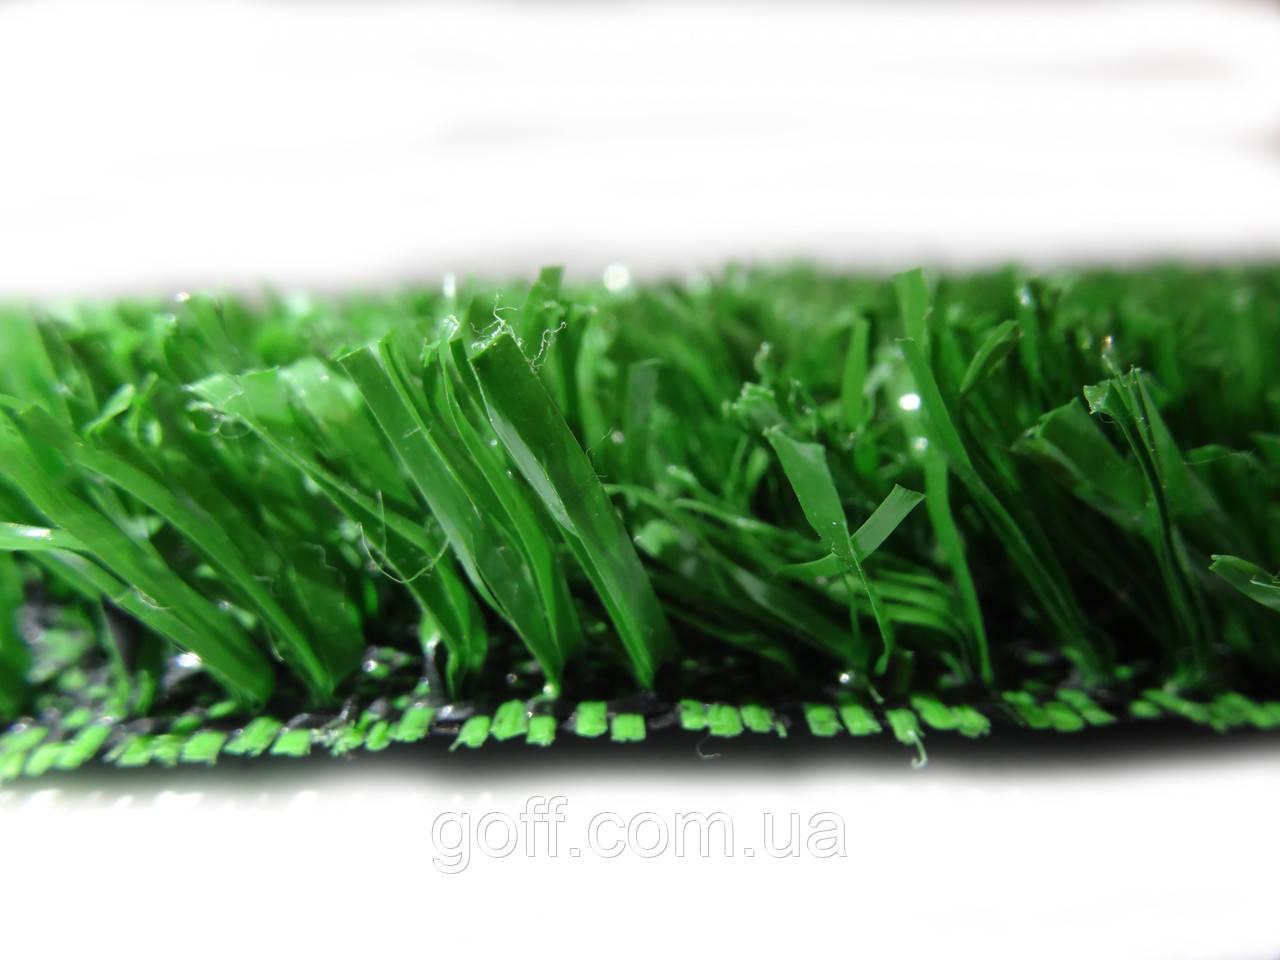 Искусственный газон для дачи 15мм